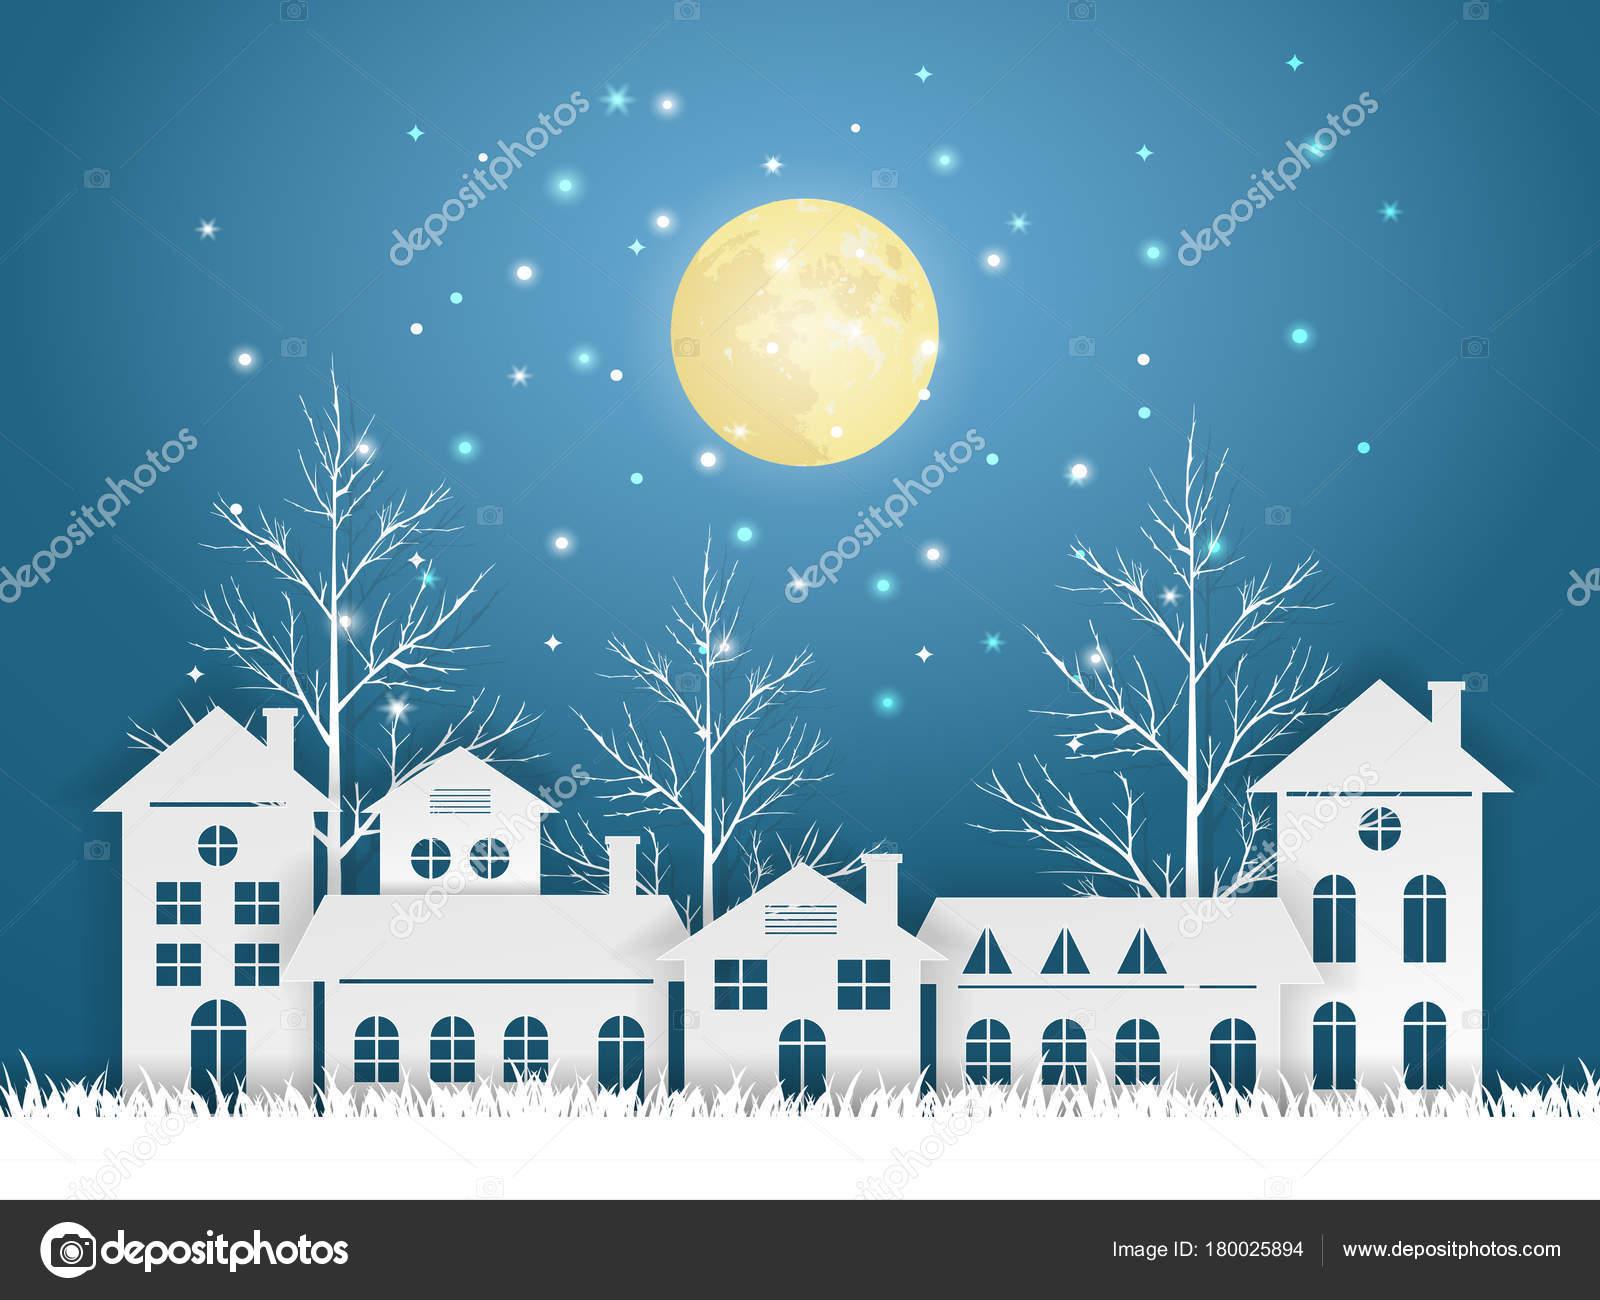 Wunderbar Frohe Weihnachten Wünscht Msg Zeitgenössisch ...